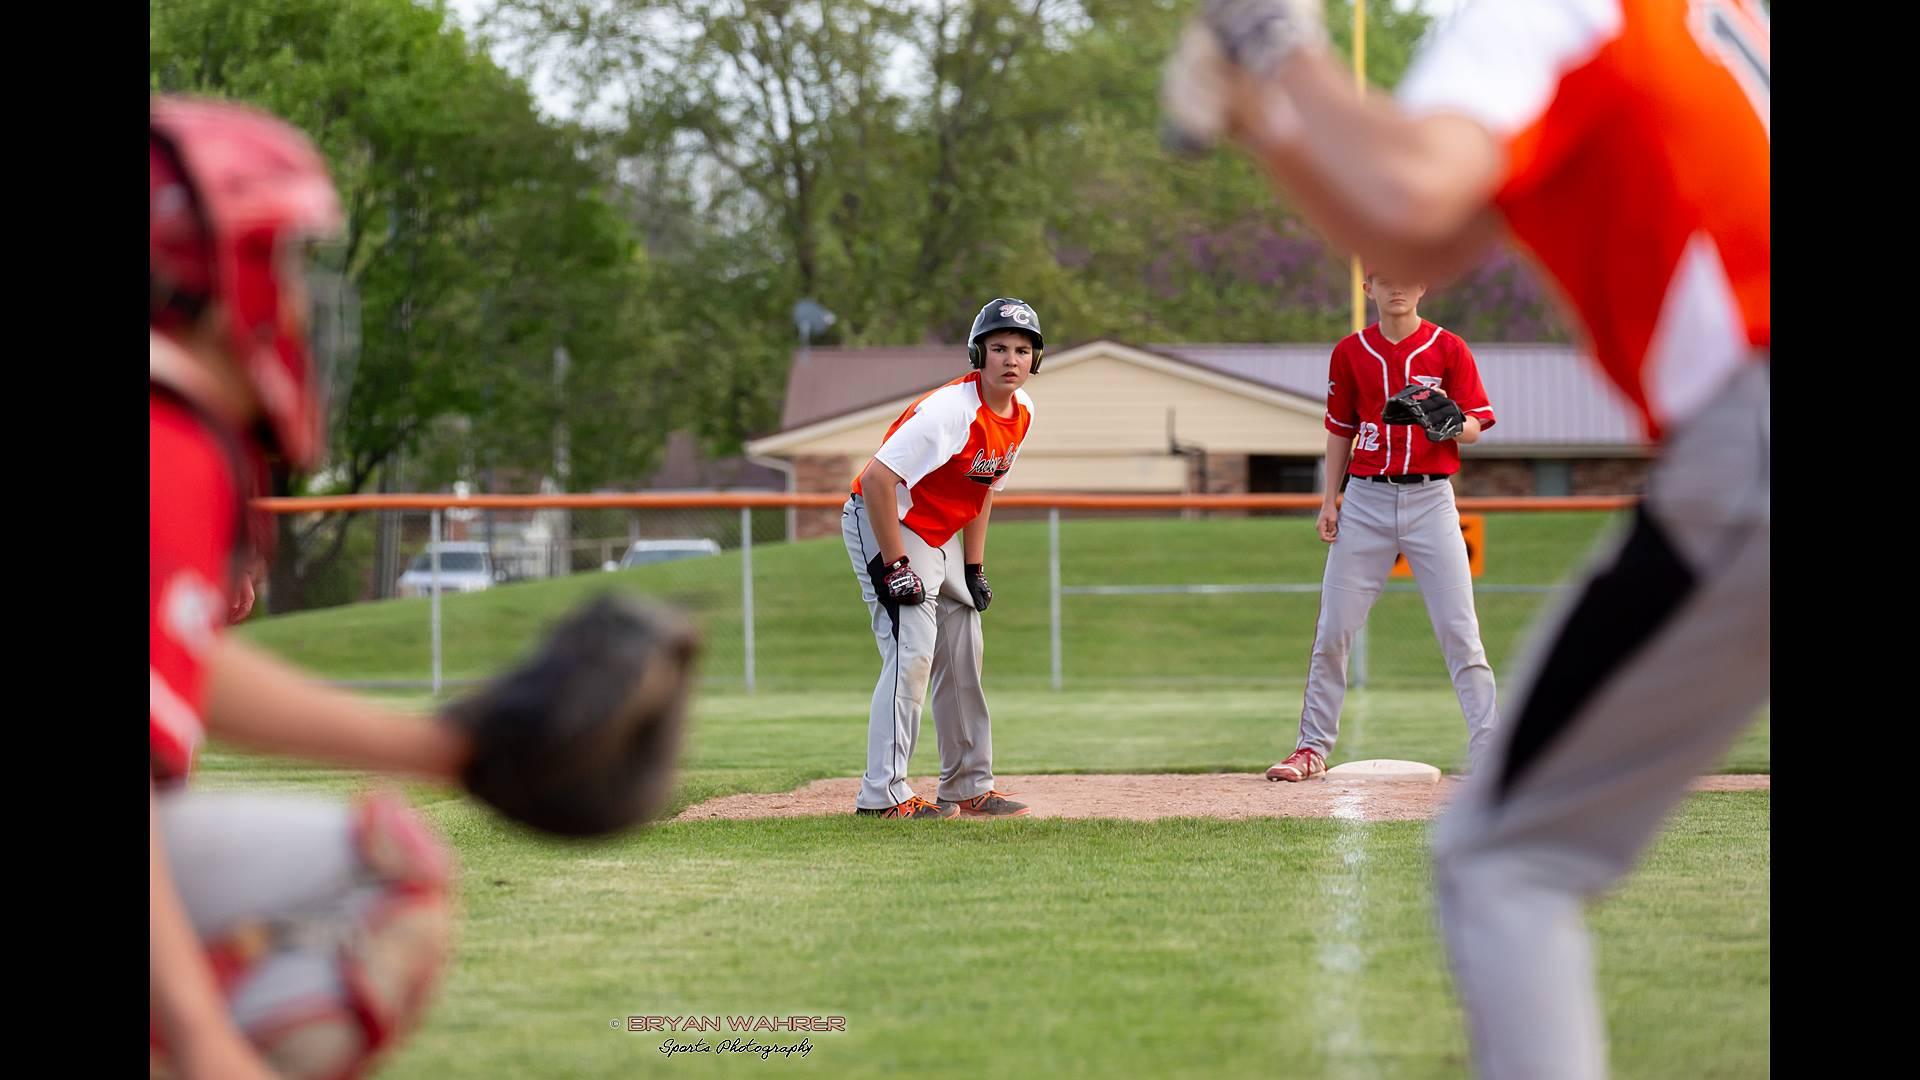 baseball runner at third base and batter-up